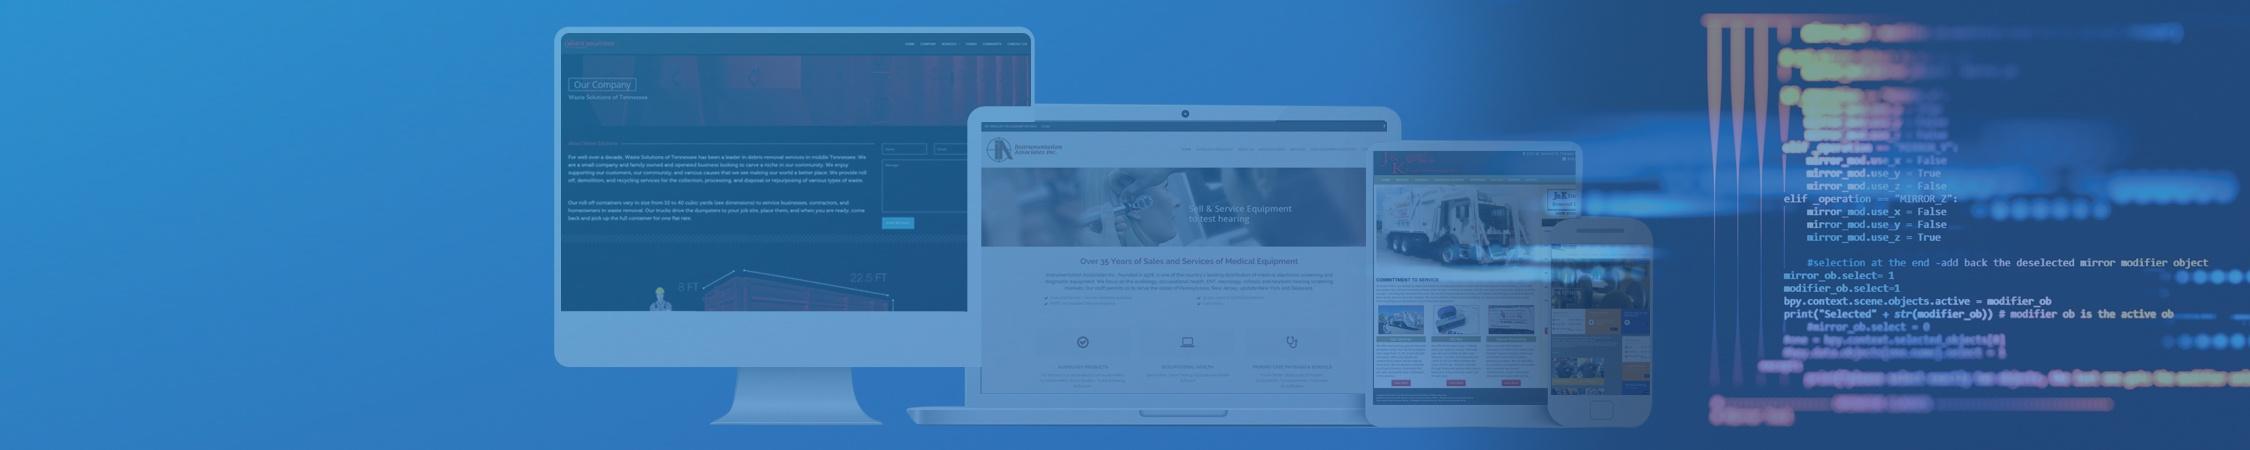 WebDesign Header 2016a.jpg